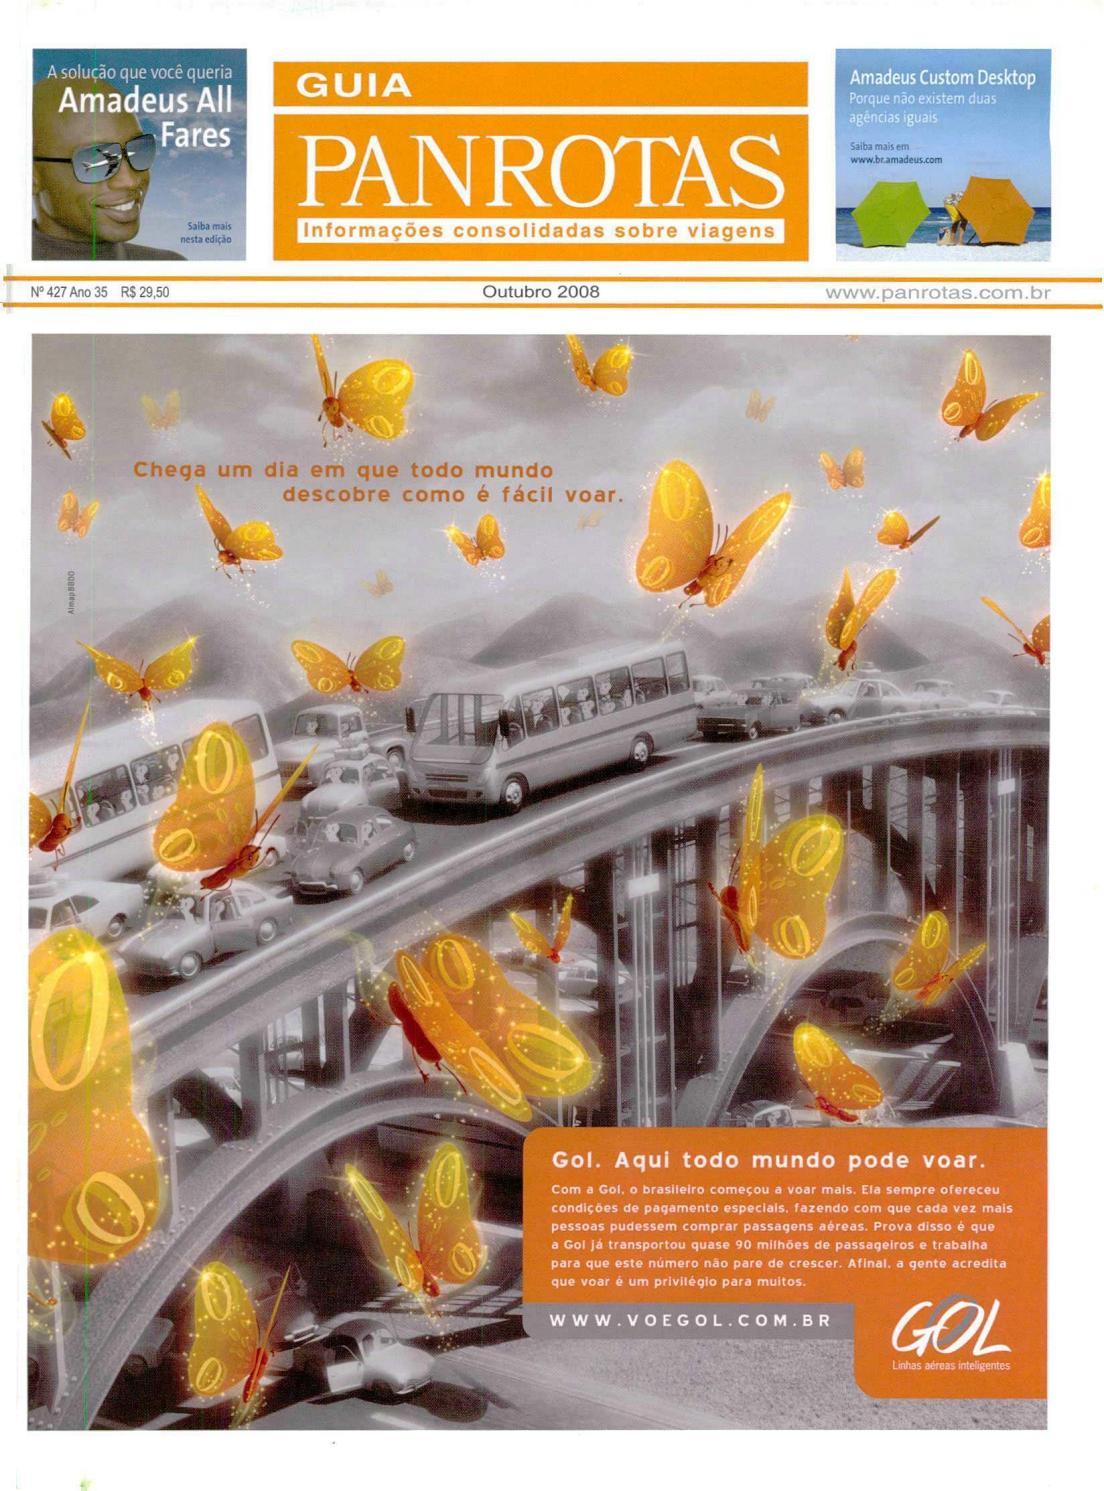 9bee278e3 Guia PANROTAS - Edição 427 - Outubro/2008 by PANROTAS Editora - issuu